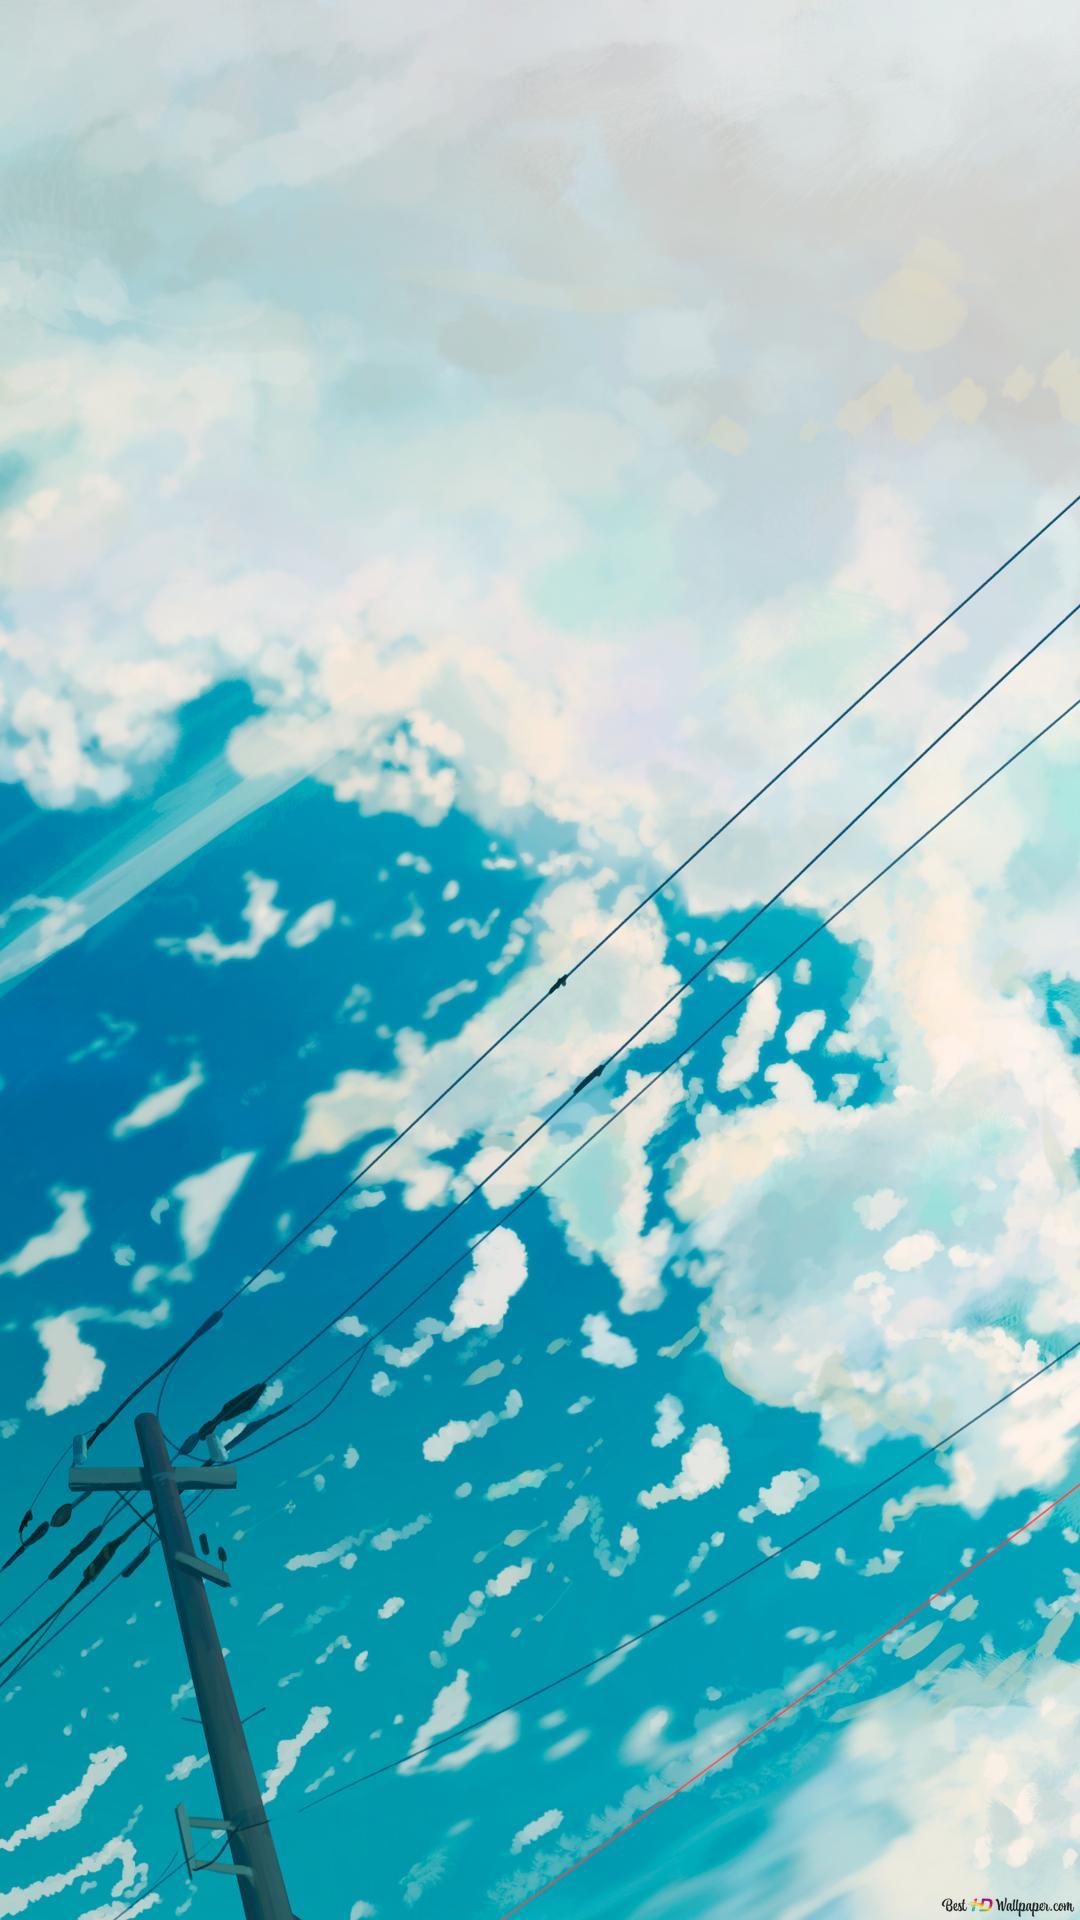 空のような海 Hd壁紙のダウンロード